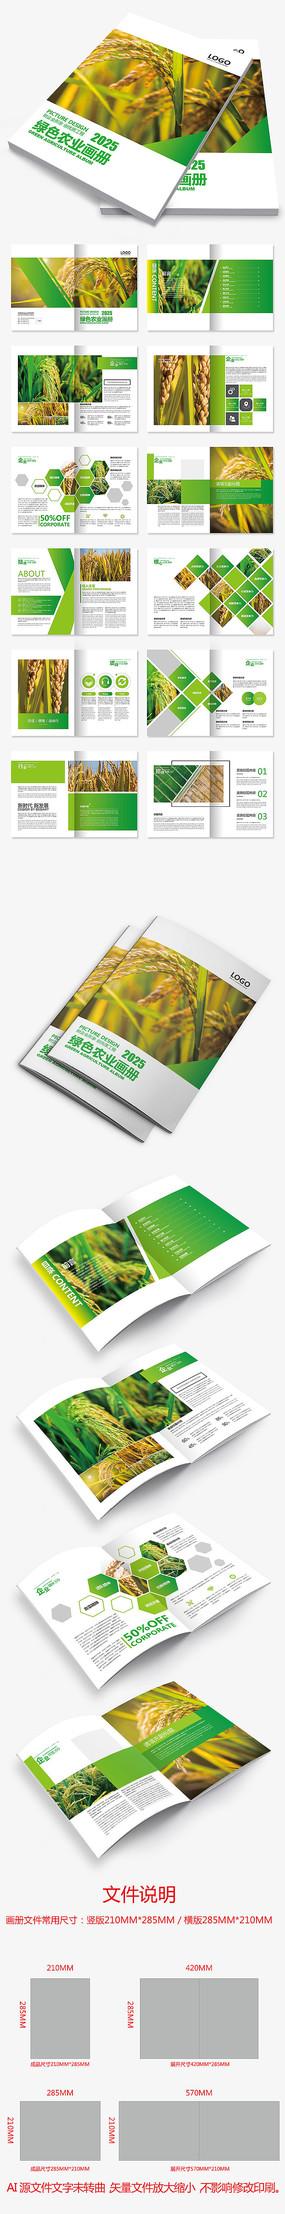 绿色环保现代农业农产品生态农业宣传册